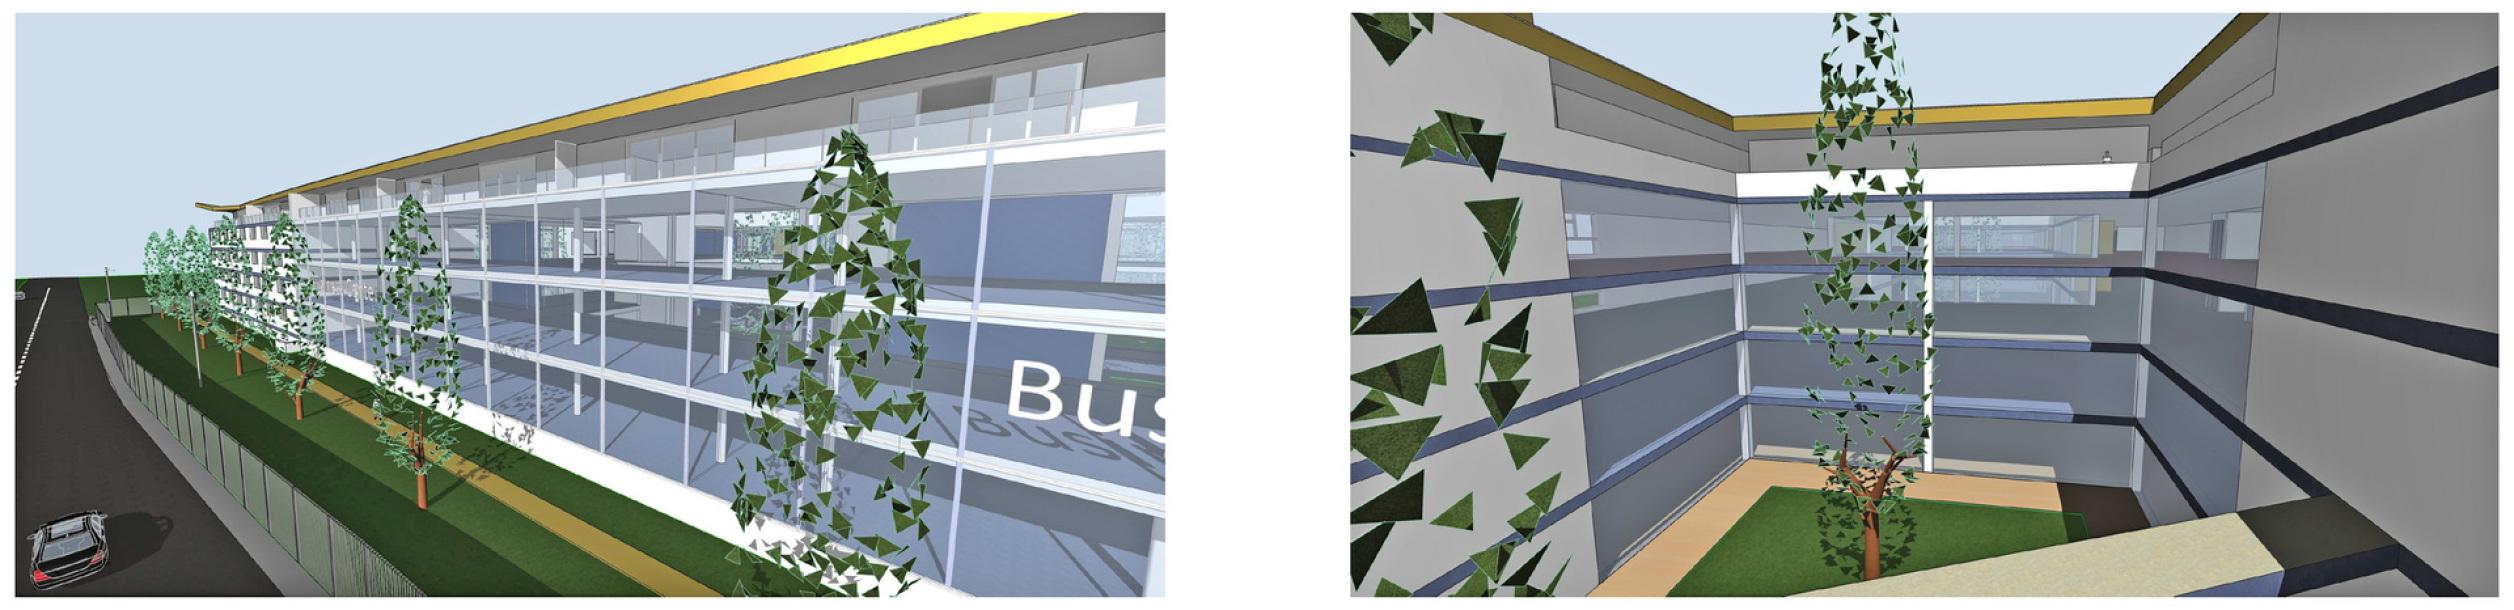 Glas Fassade Labor-Bereich und Atmosphäre Innenhof mit Säulen Eichen und Kunst-Brücken